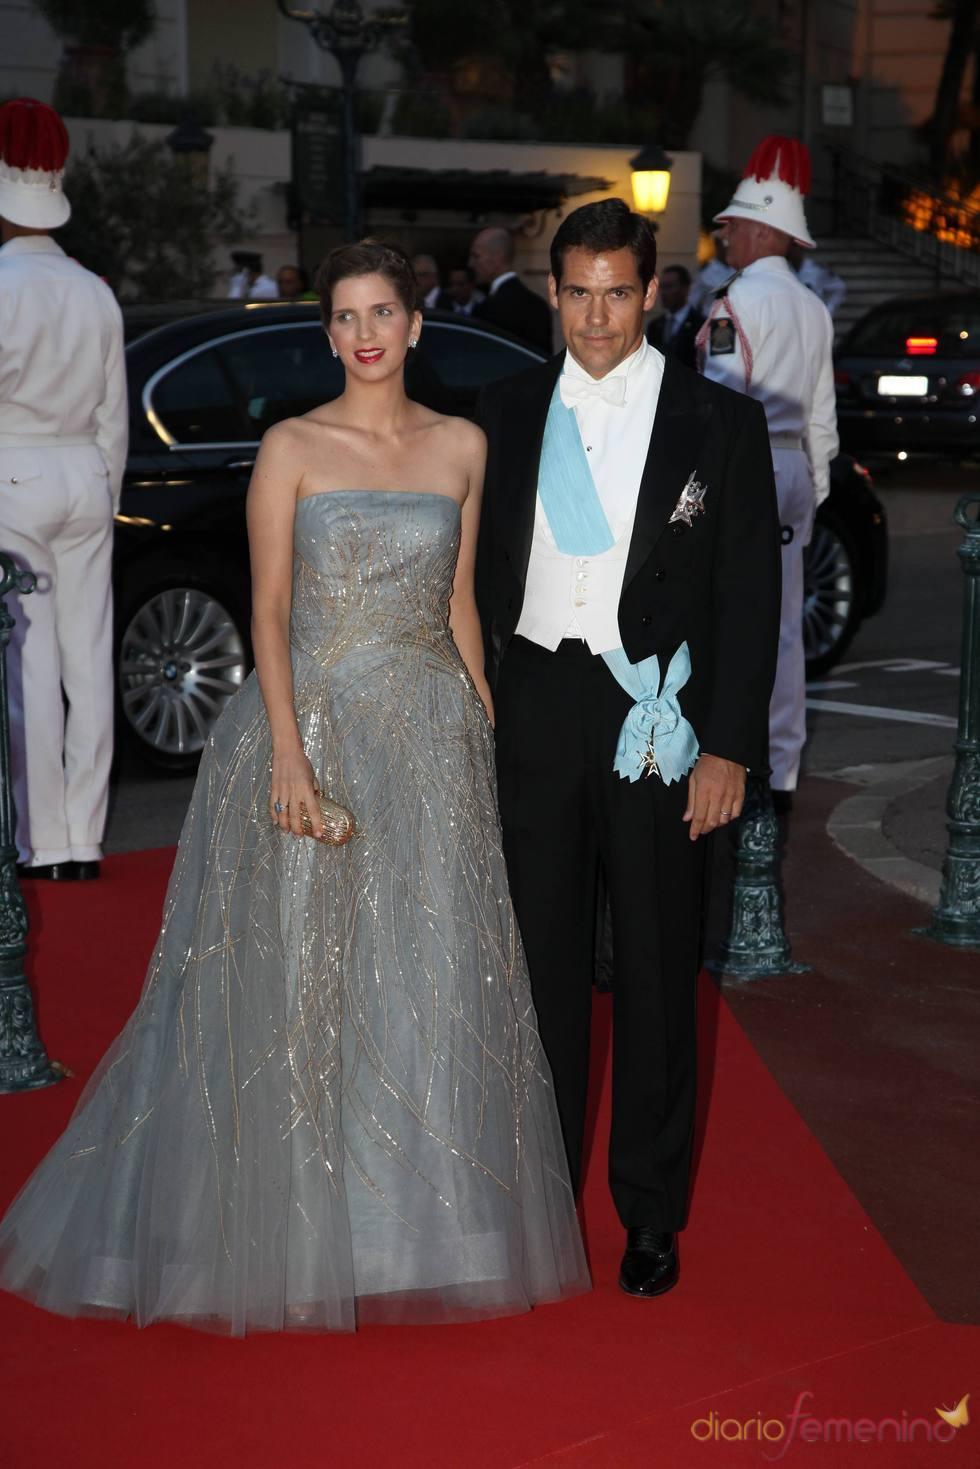 Luis Alfonso de Borbón y Margarita Vargas en la cena de gala de la Boda Real de Mónaco